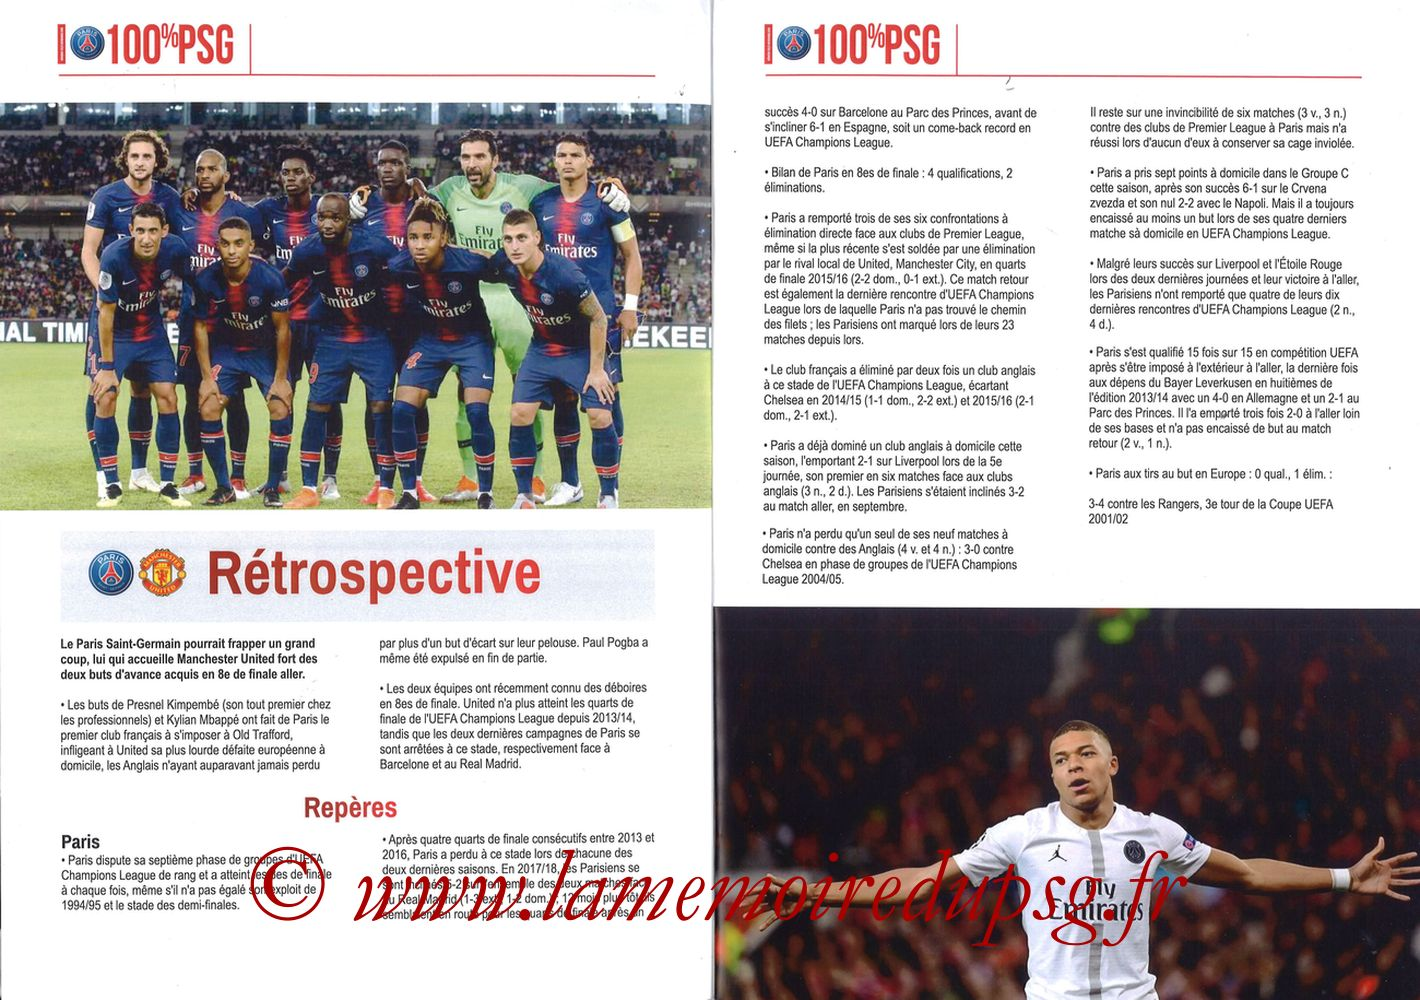 2019-03-06  PSG-Manchester United (8ème Retour C1, 100% PSG N° 181) - Pages 02 et 03